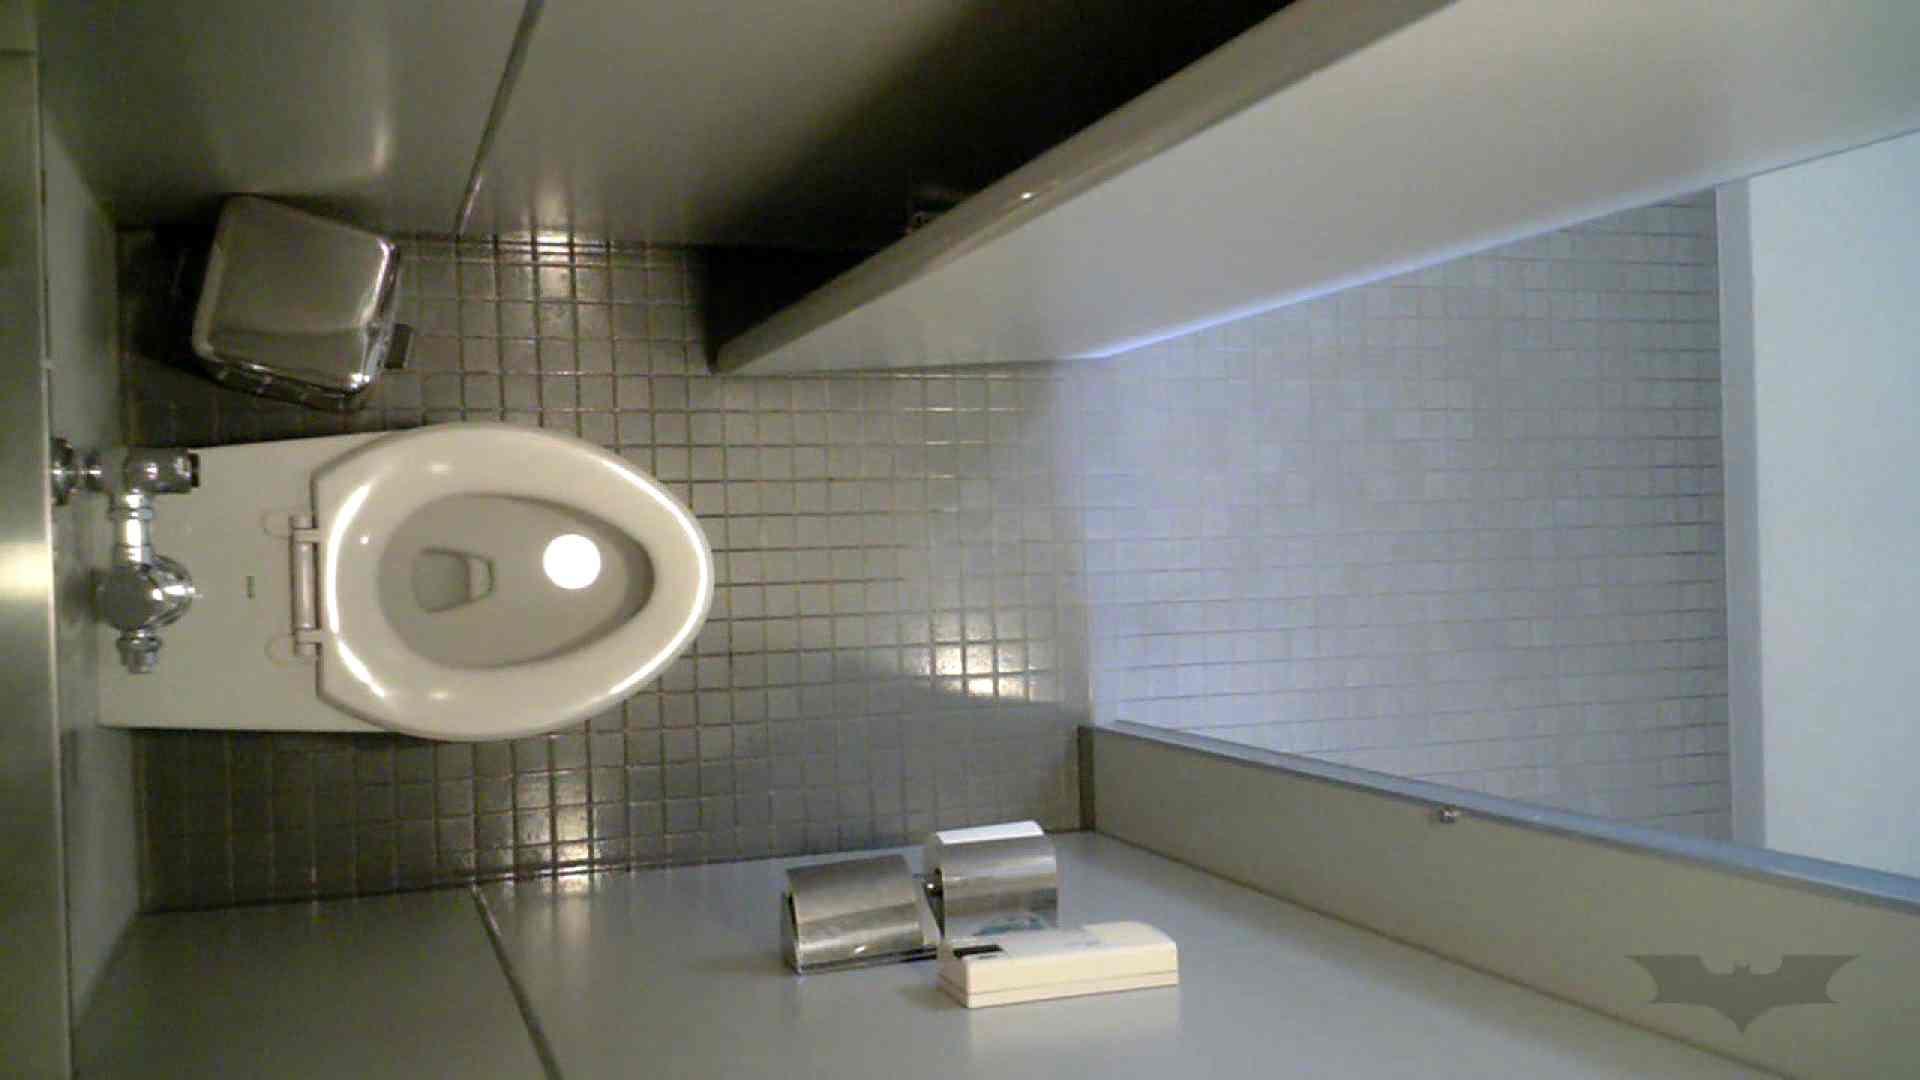 有名大学女性洗面所 vol.36 すっごい「ほじって」ます。 洗面所のぞき ぱこり動画紹介 78枚 12